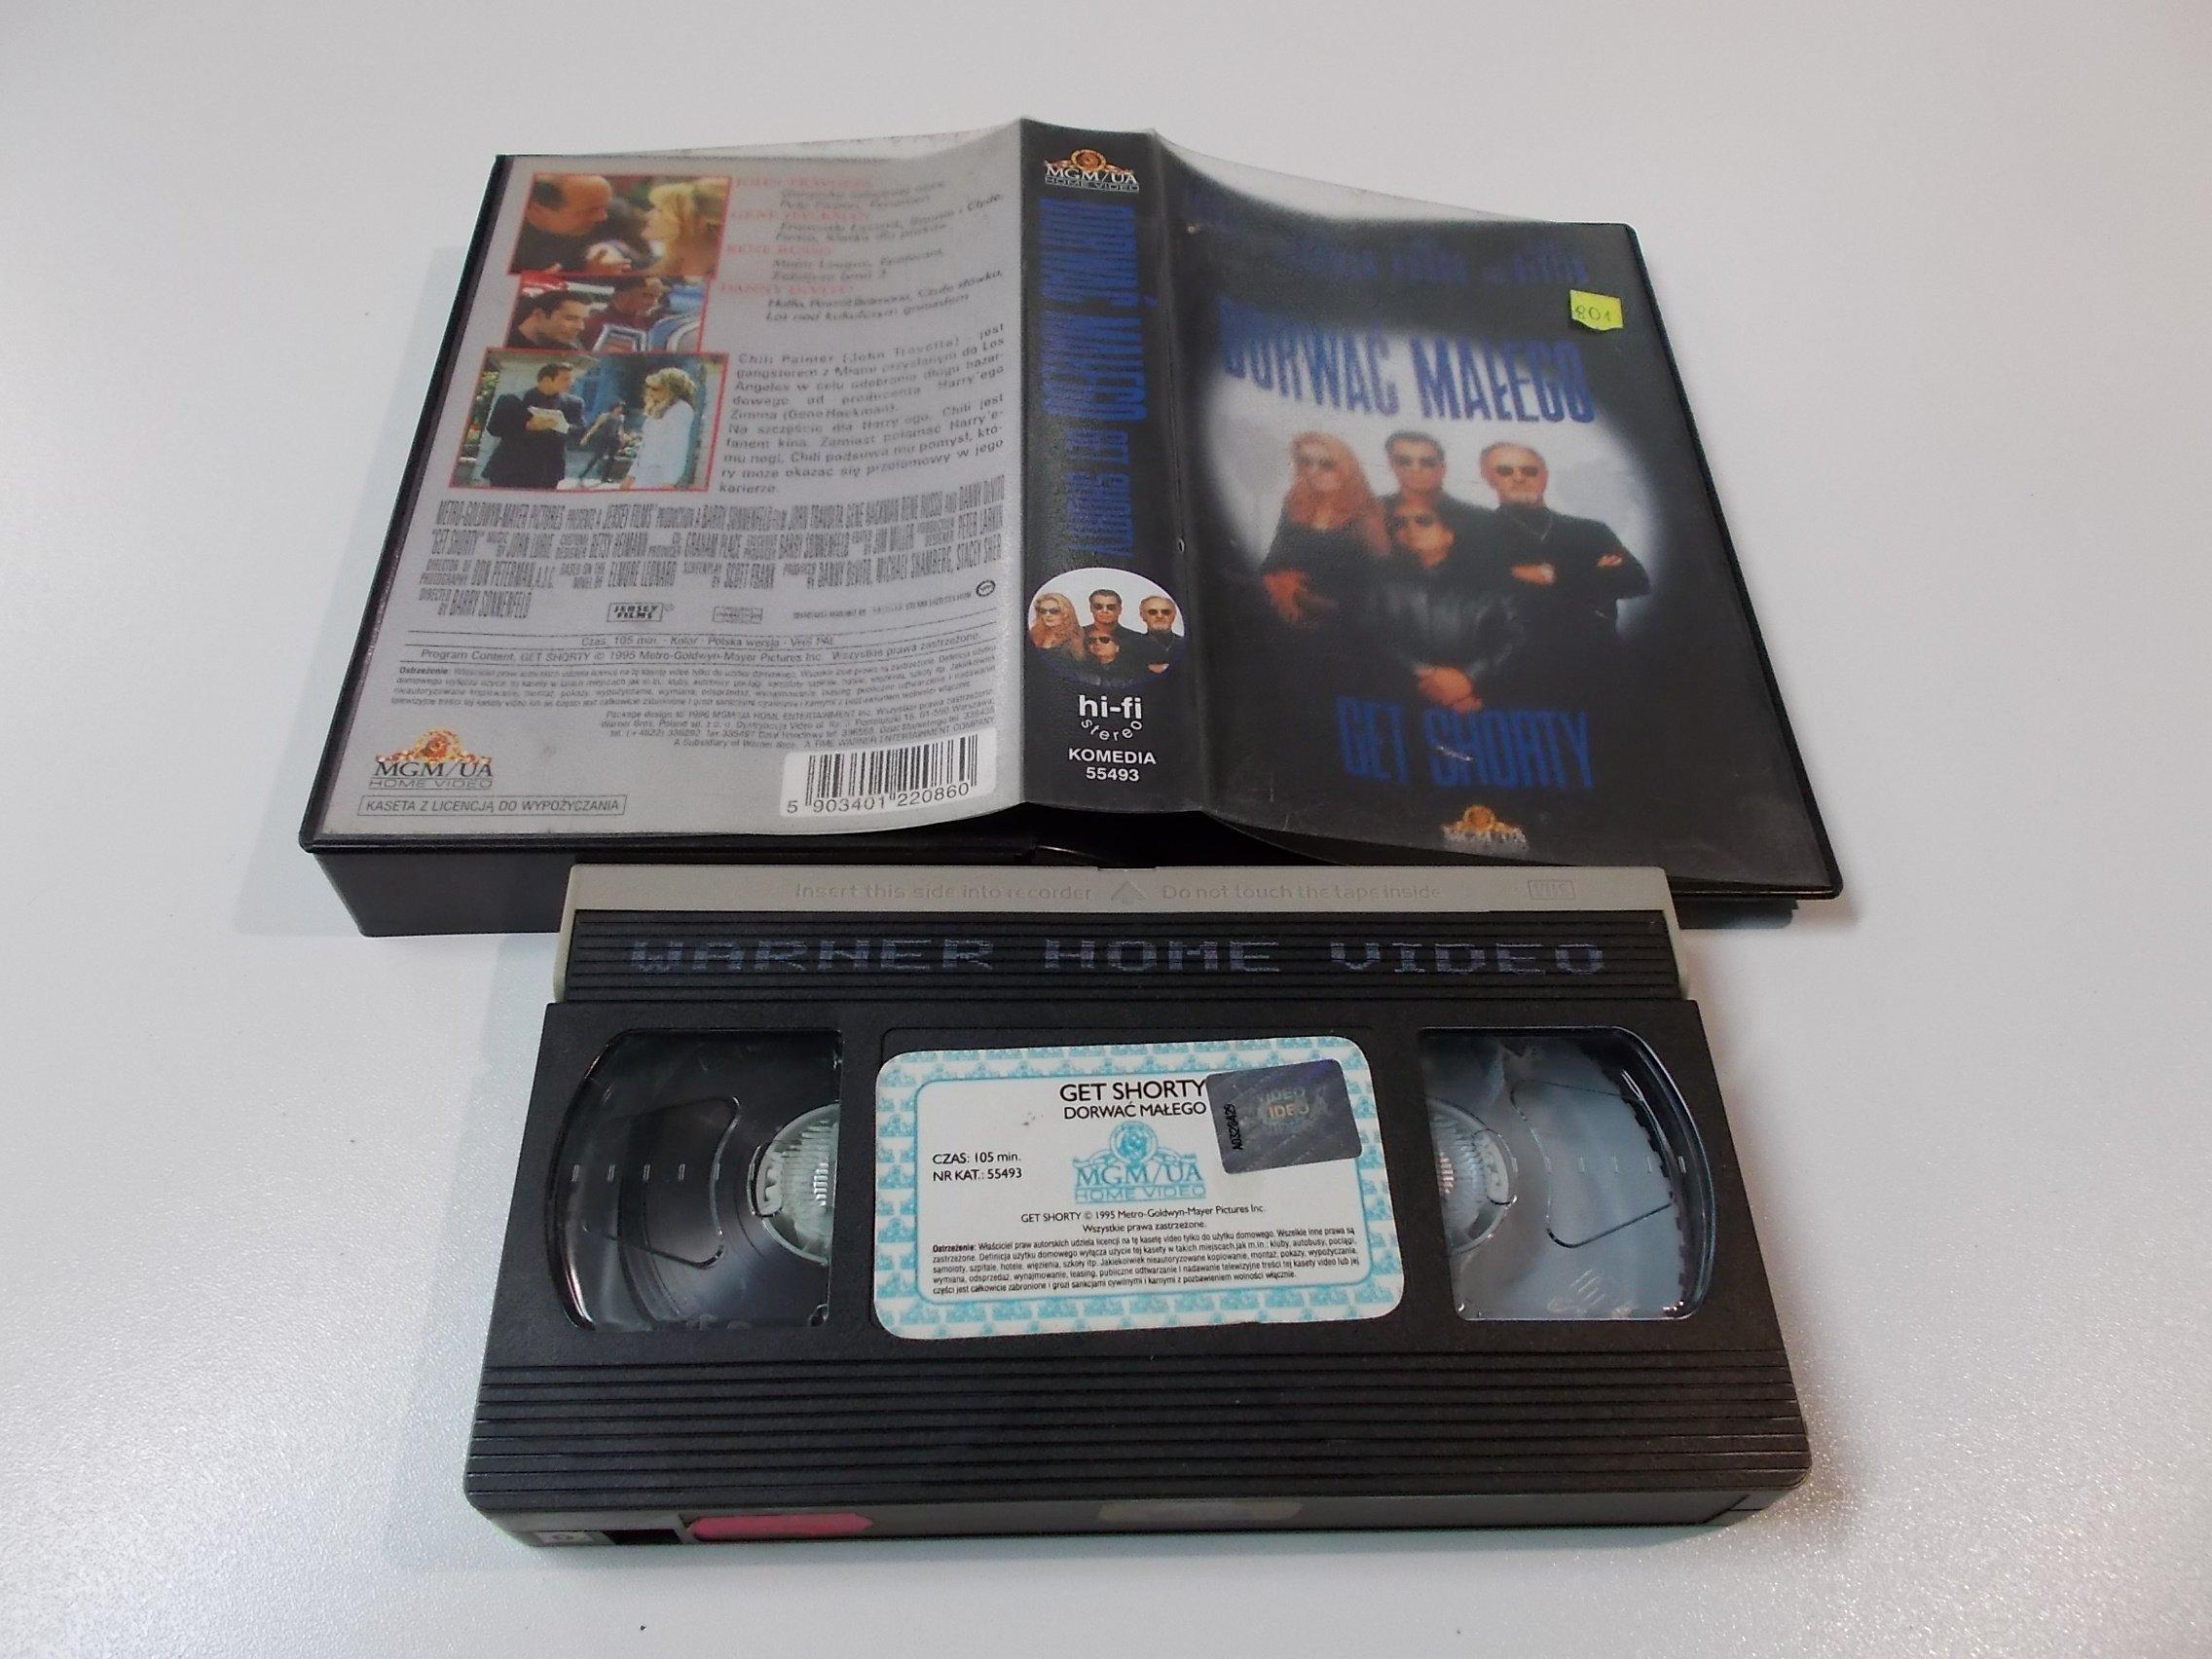 DORWAĆ MAŁEGO - Kaseta Video VHS - Opole 1512